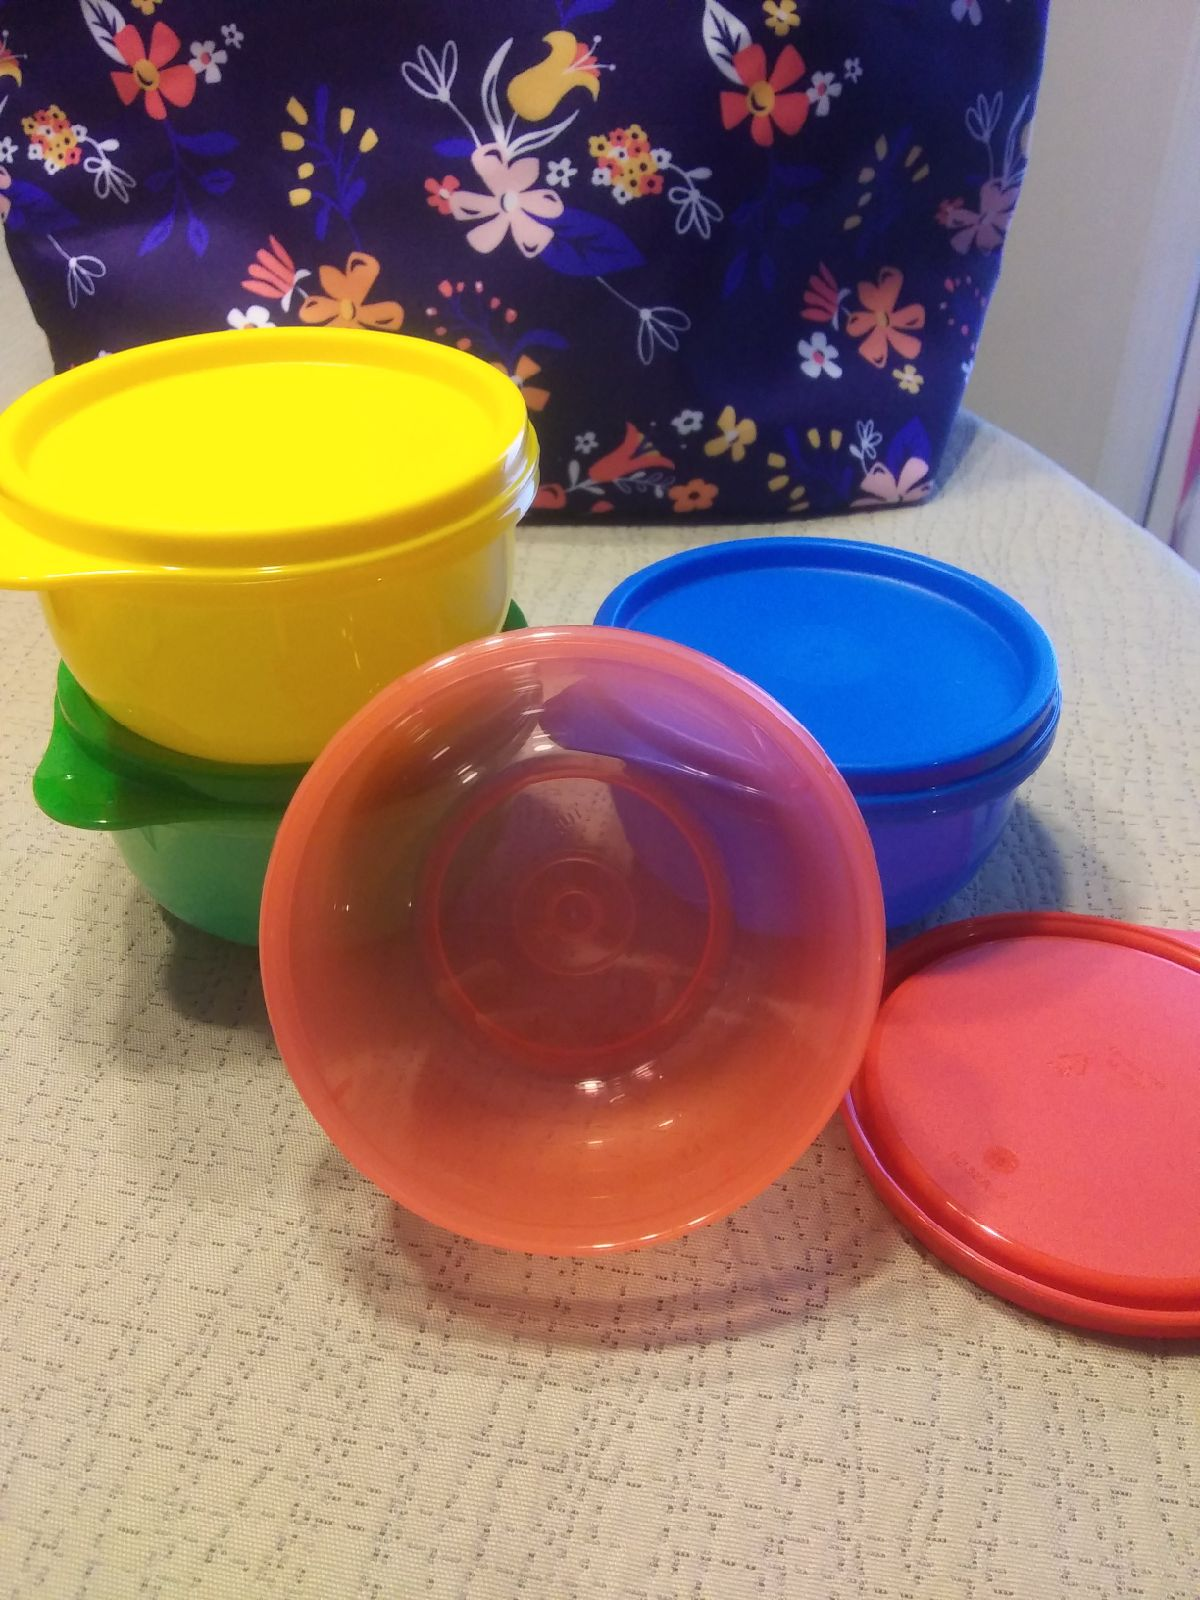 Ideal lit'l bowls